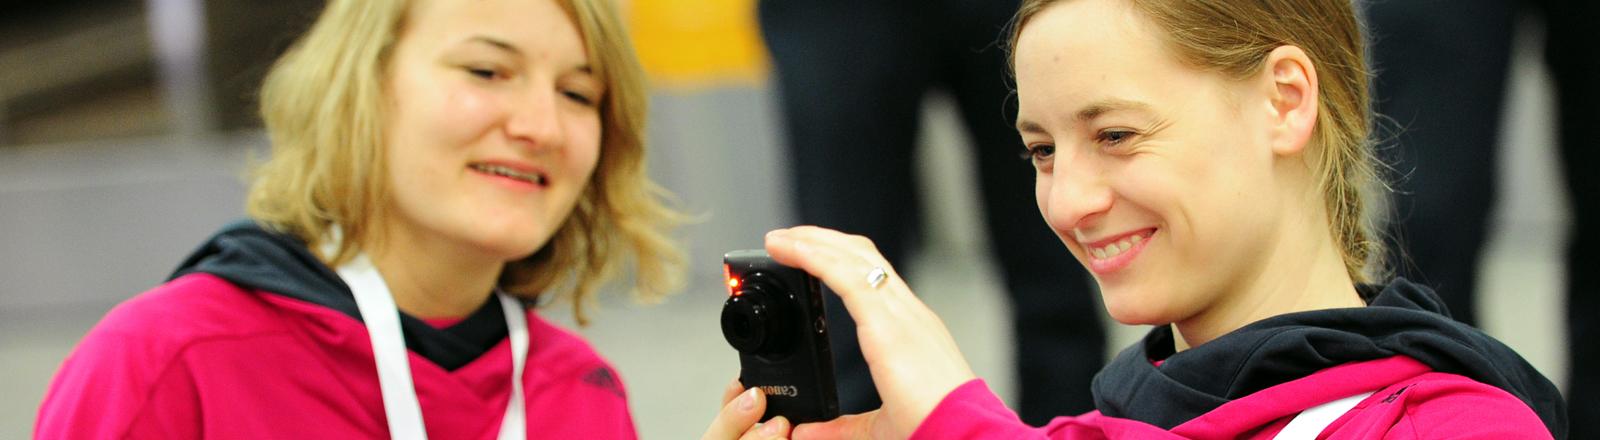 Anna-Lena Forster (links) und Anna Schaffelhuber sind zwei von 13 Athleten, die vom Deutschen Behindertensportverband nach Sotschi geschickt werden.